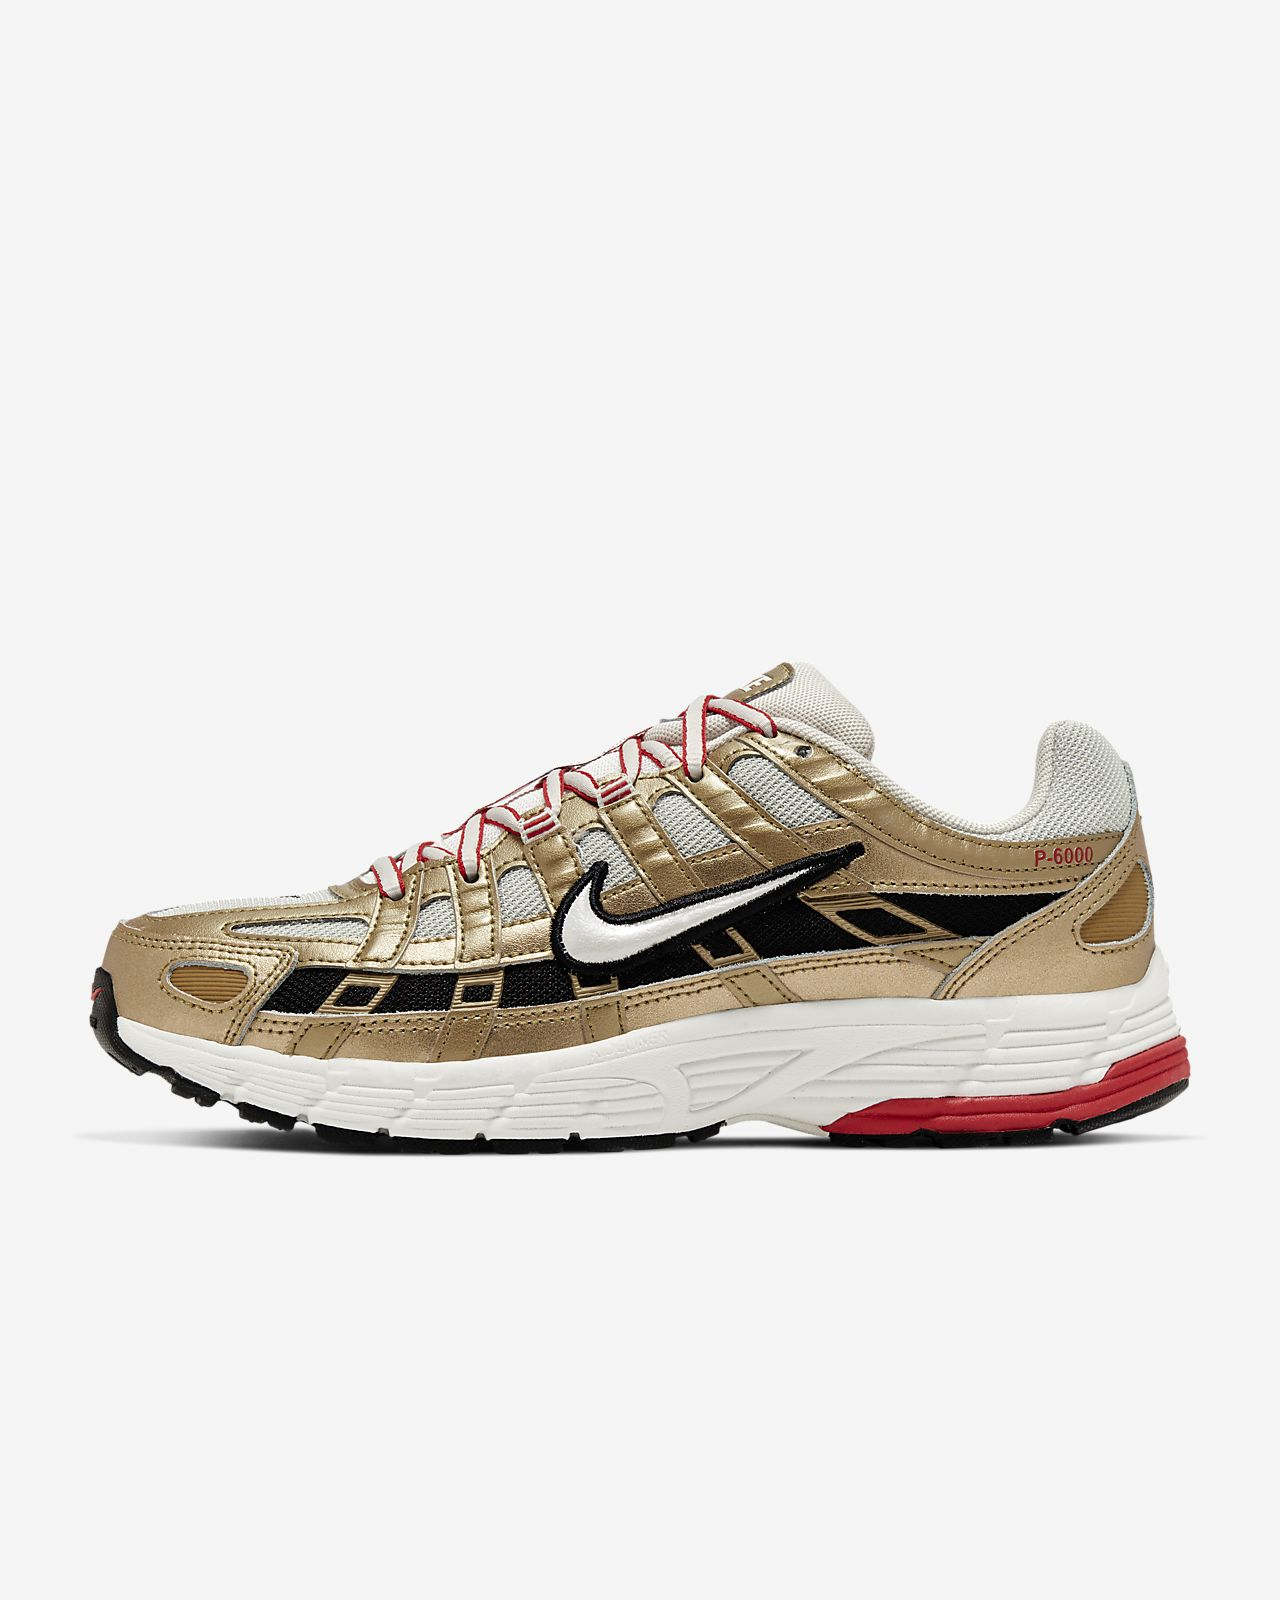 Nike P 6000 Schoen